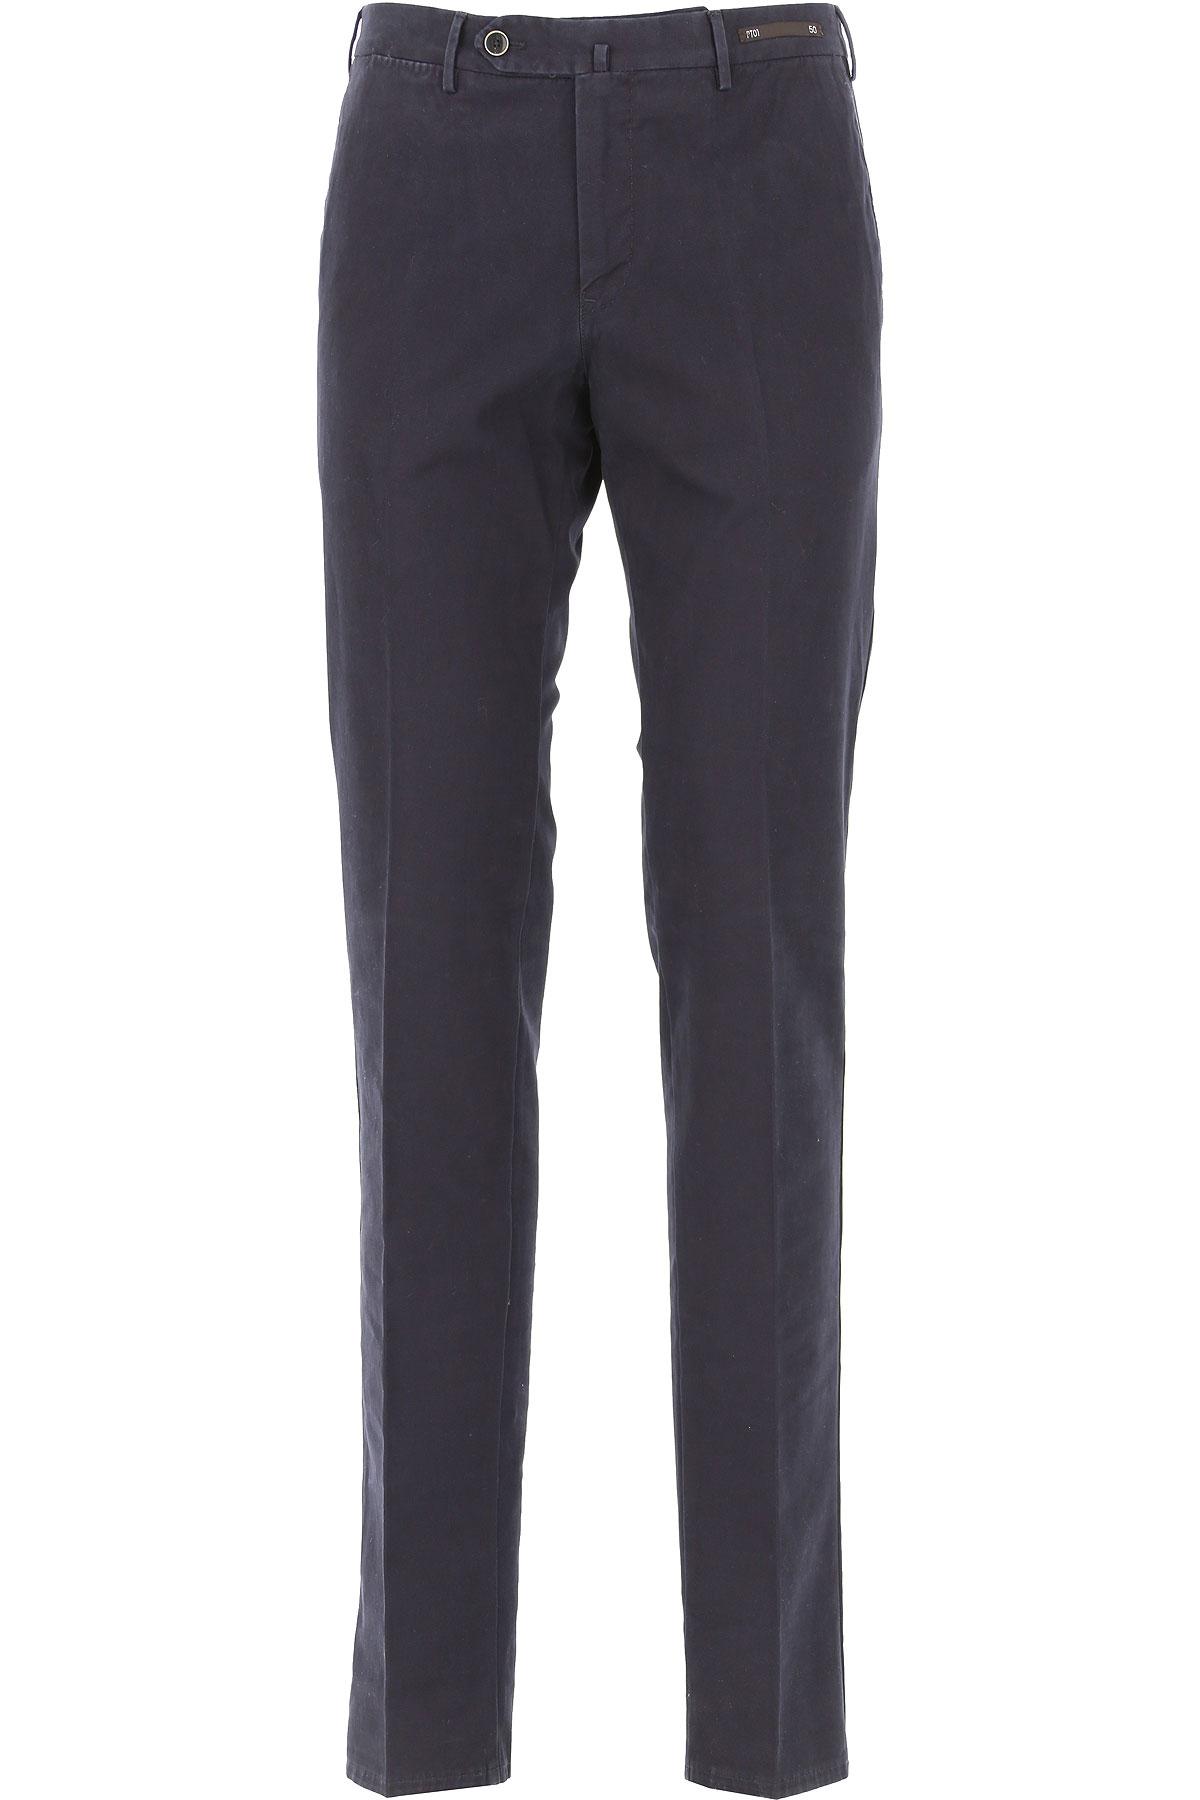 PT01 Pants for Men On Sale, navy, Cotton, 2019, 30 32 34 36 38 40 42